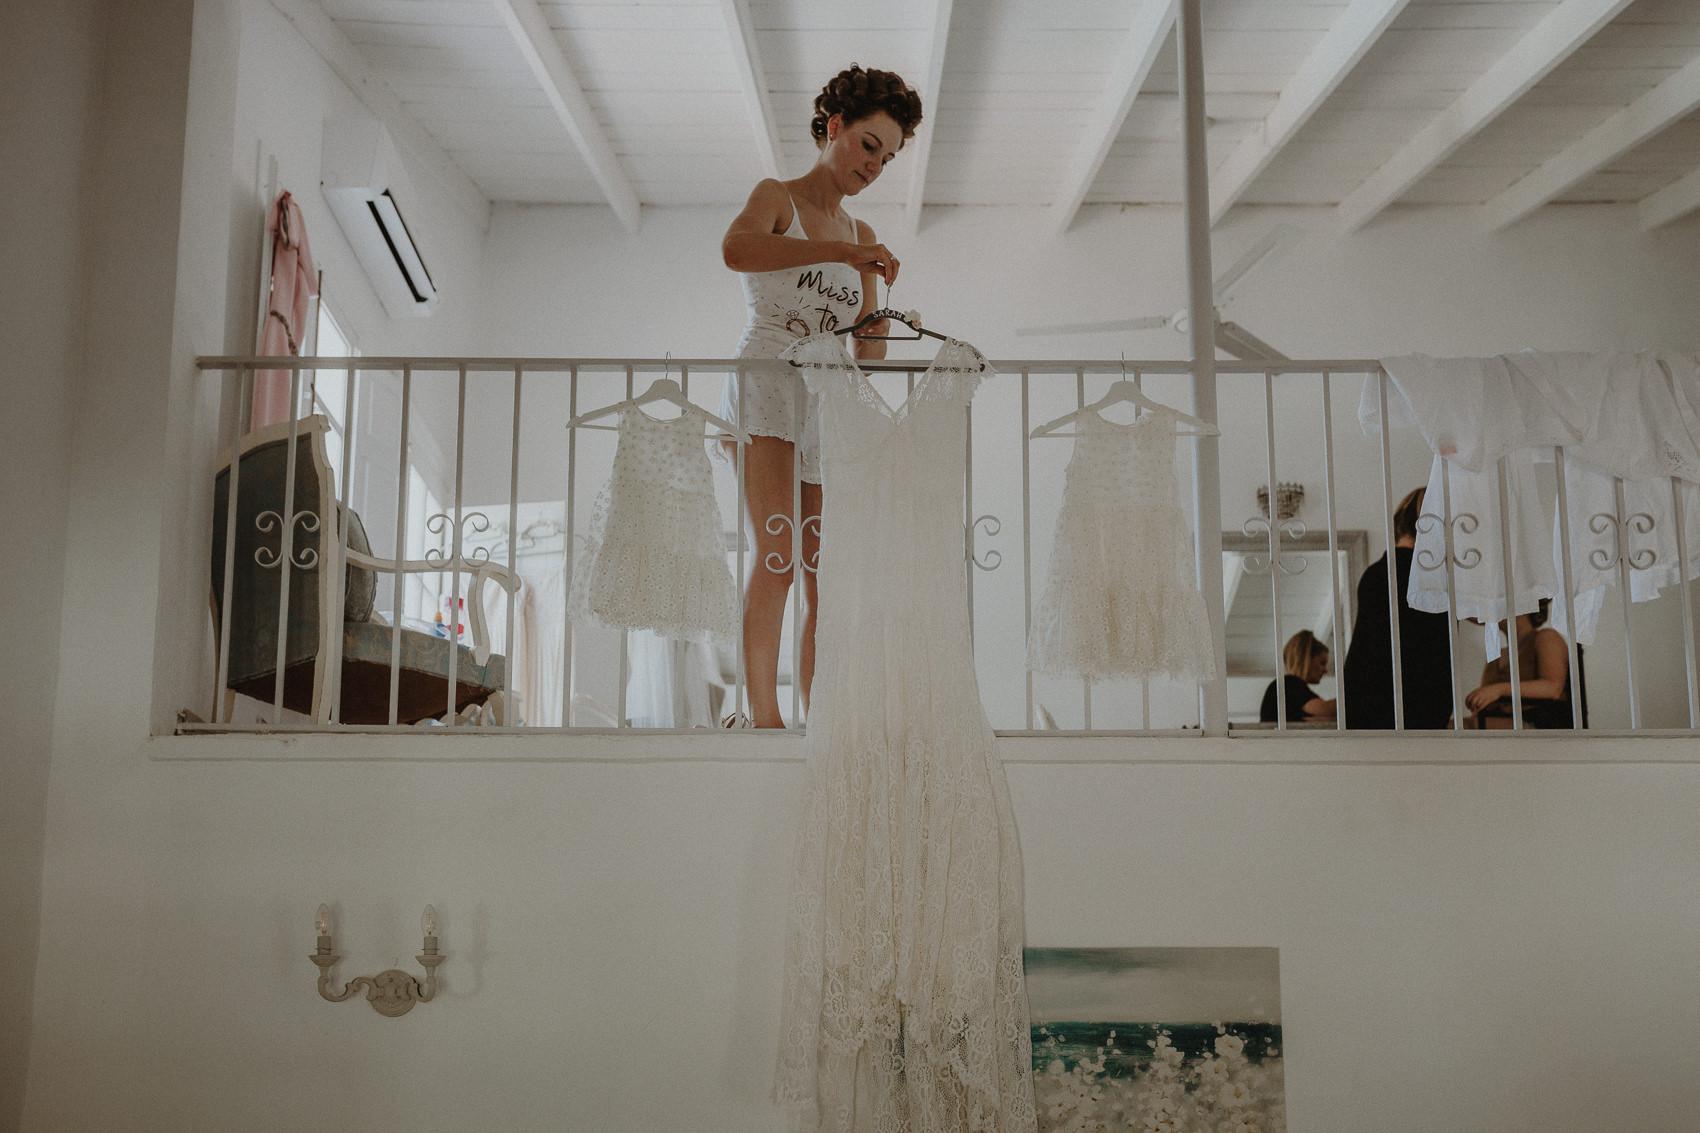 Sarah & Bill | Summer wedding at Cortijo Rosa Blanca | Marbella - Spain 4